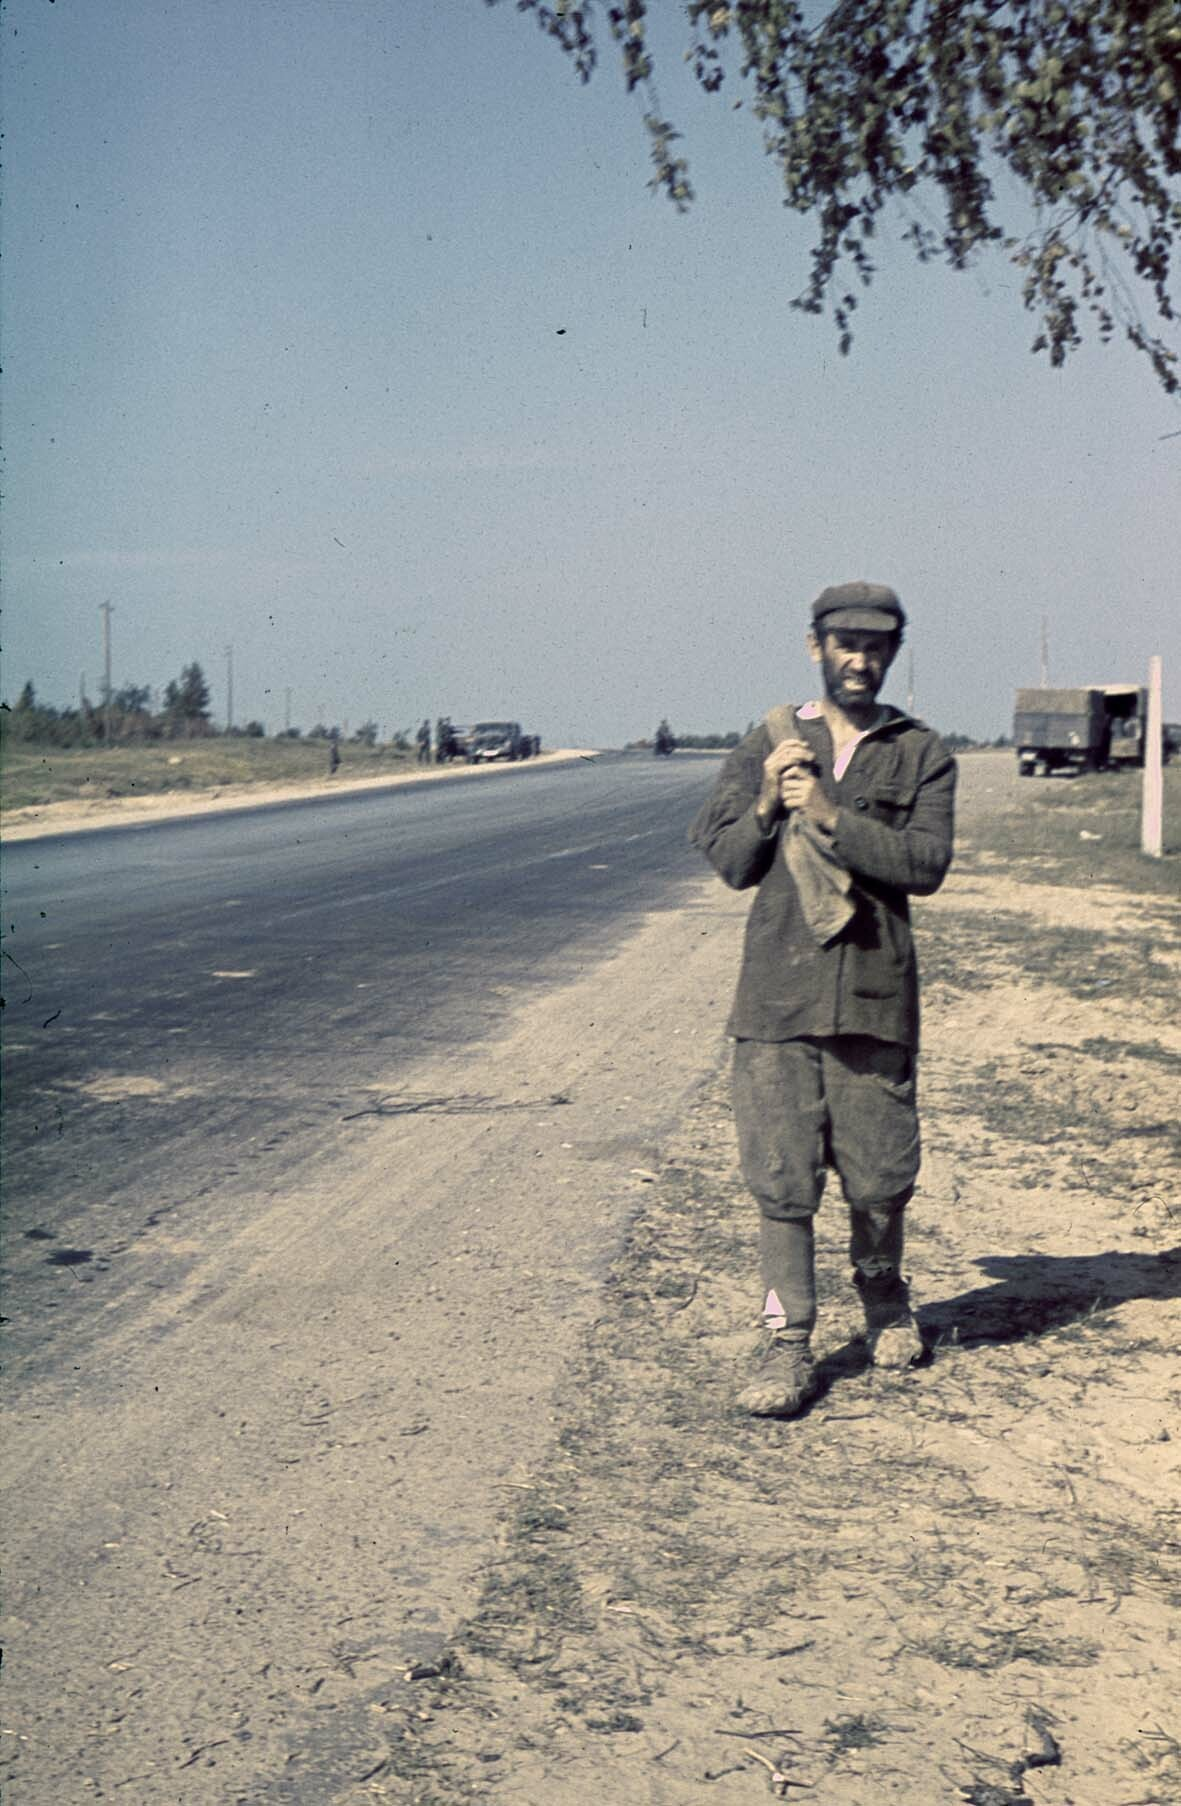 1941 Einheimischer an der Fernstraße Minsk-Moskau, 14. Juli 1941